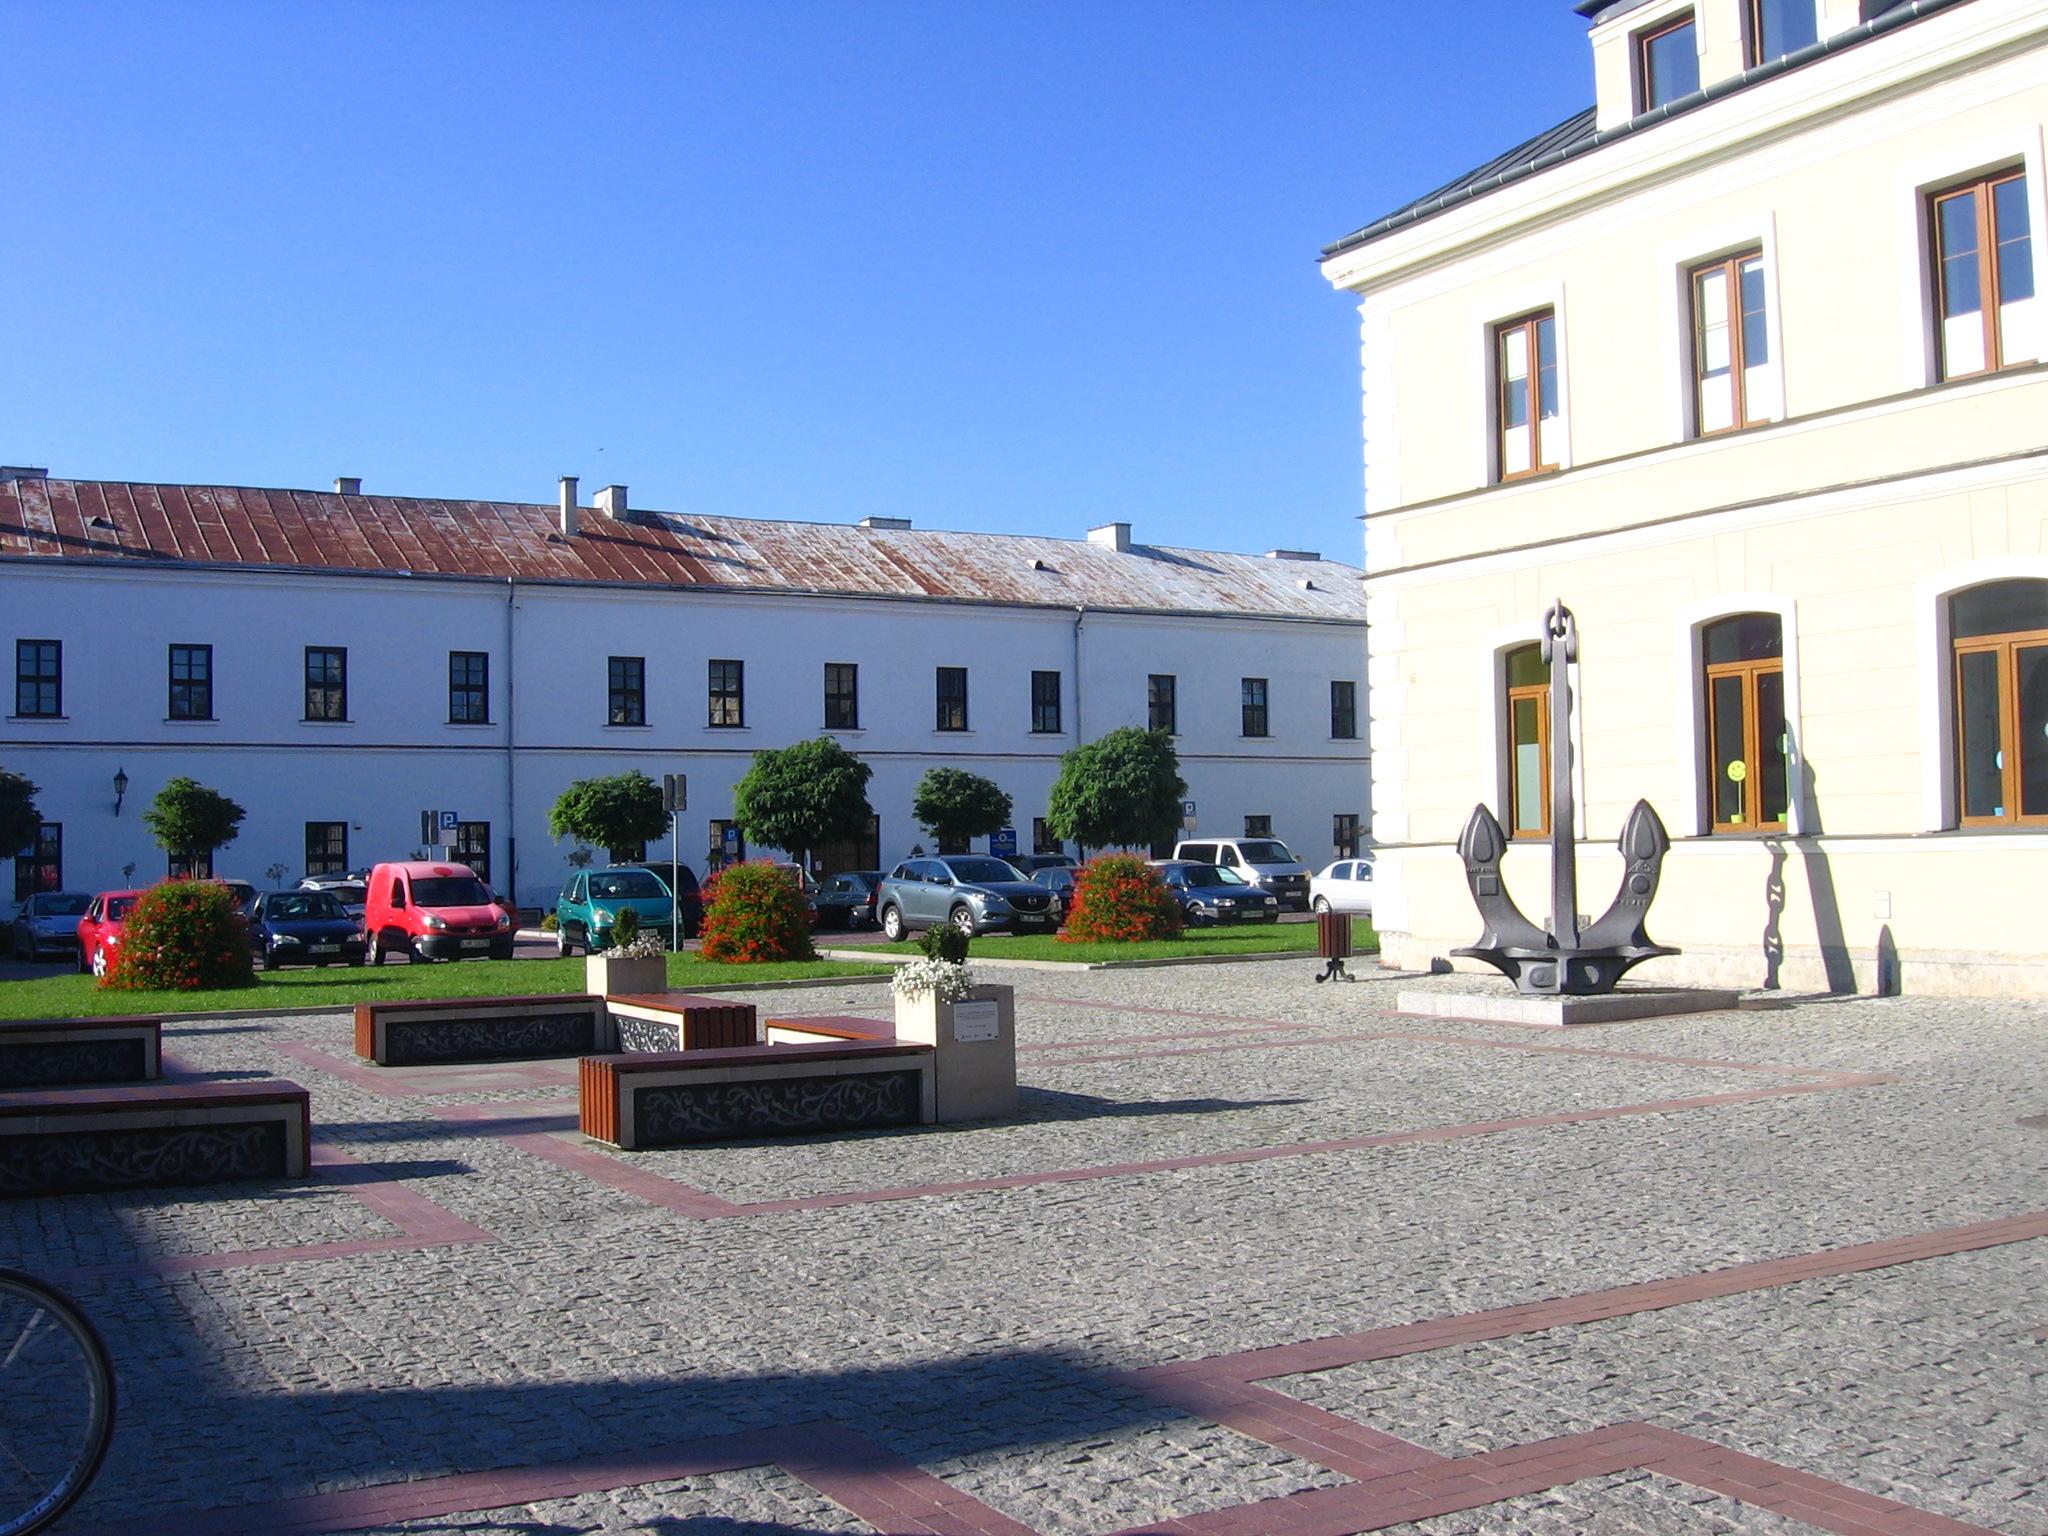 turystyka-atrakcje , Zamość, Rynek Solny w Zamościu, Zamość co zwiedzić